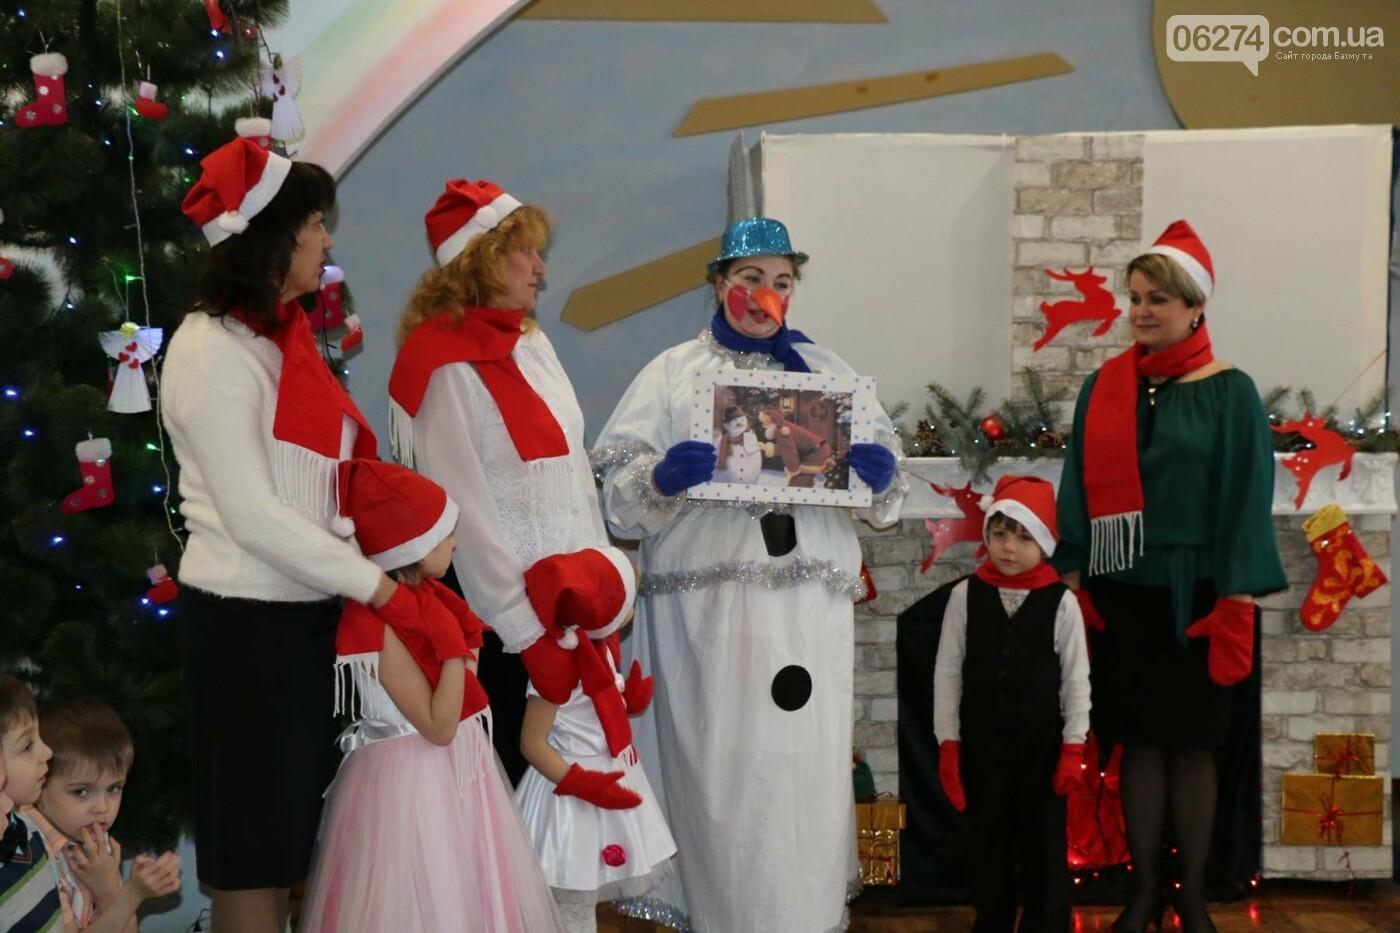 Святой Николай поздравил детей Бахмута, фото-1